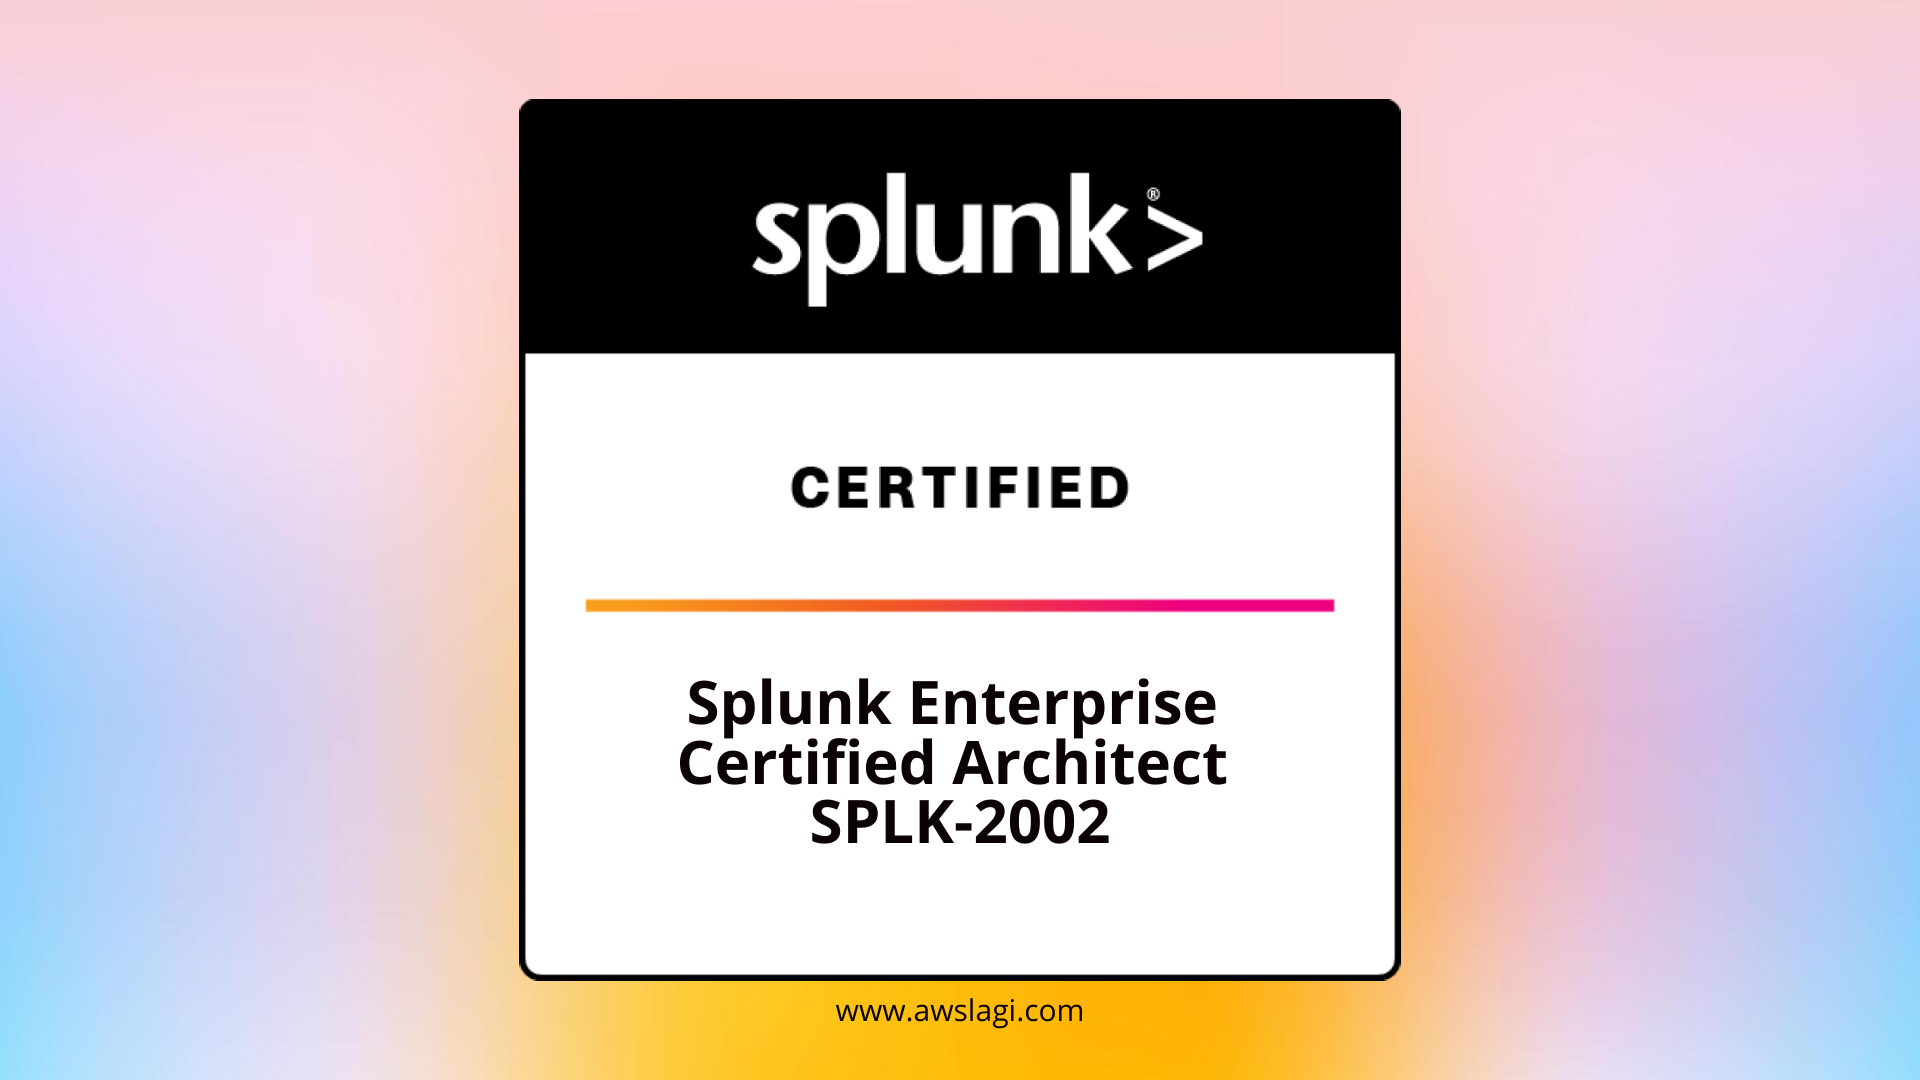 Splunk-Enterprise-Certified-Architect-SPLK-2002